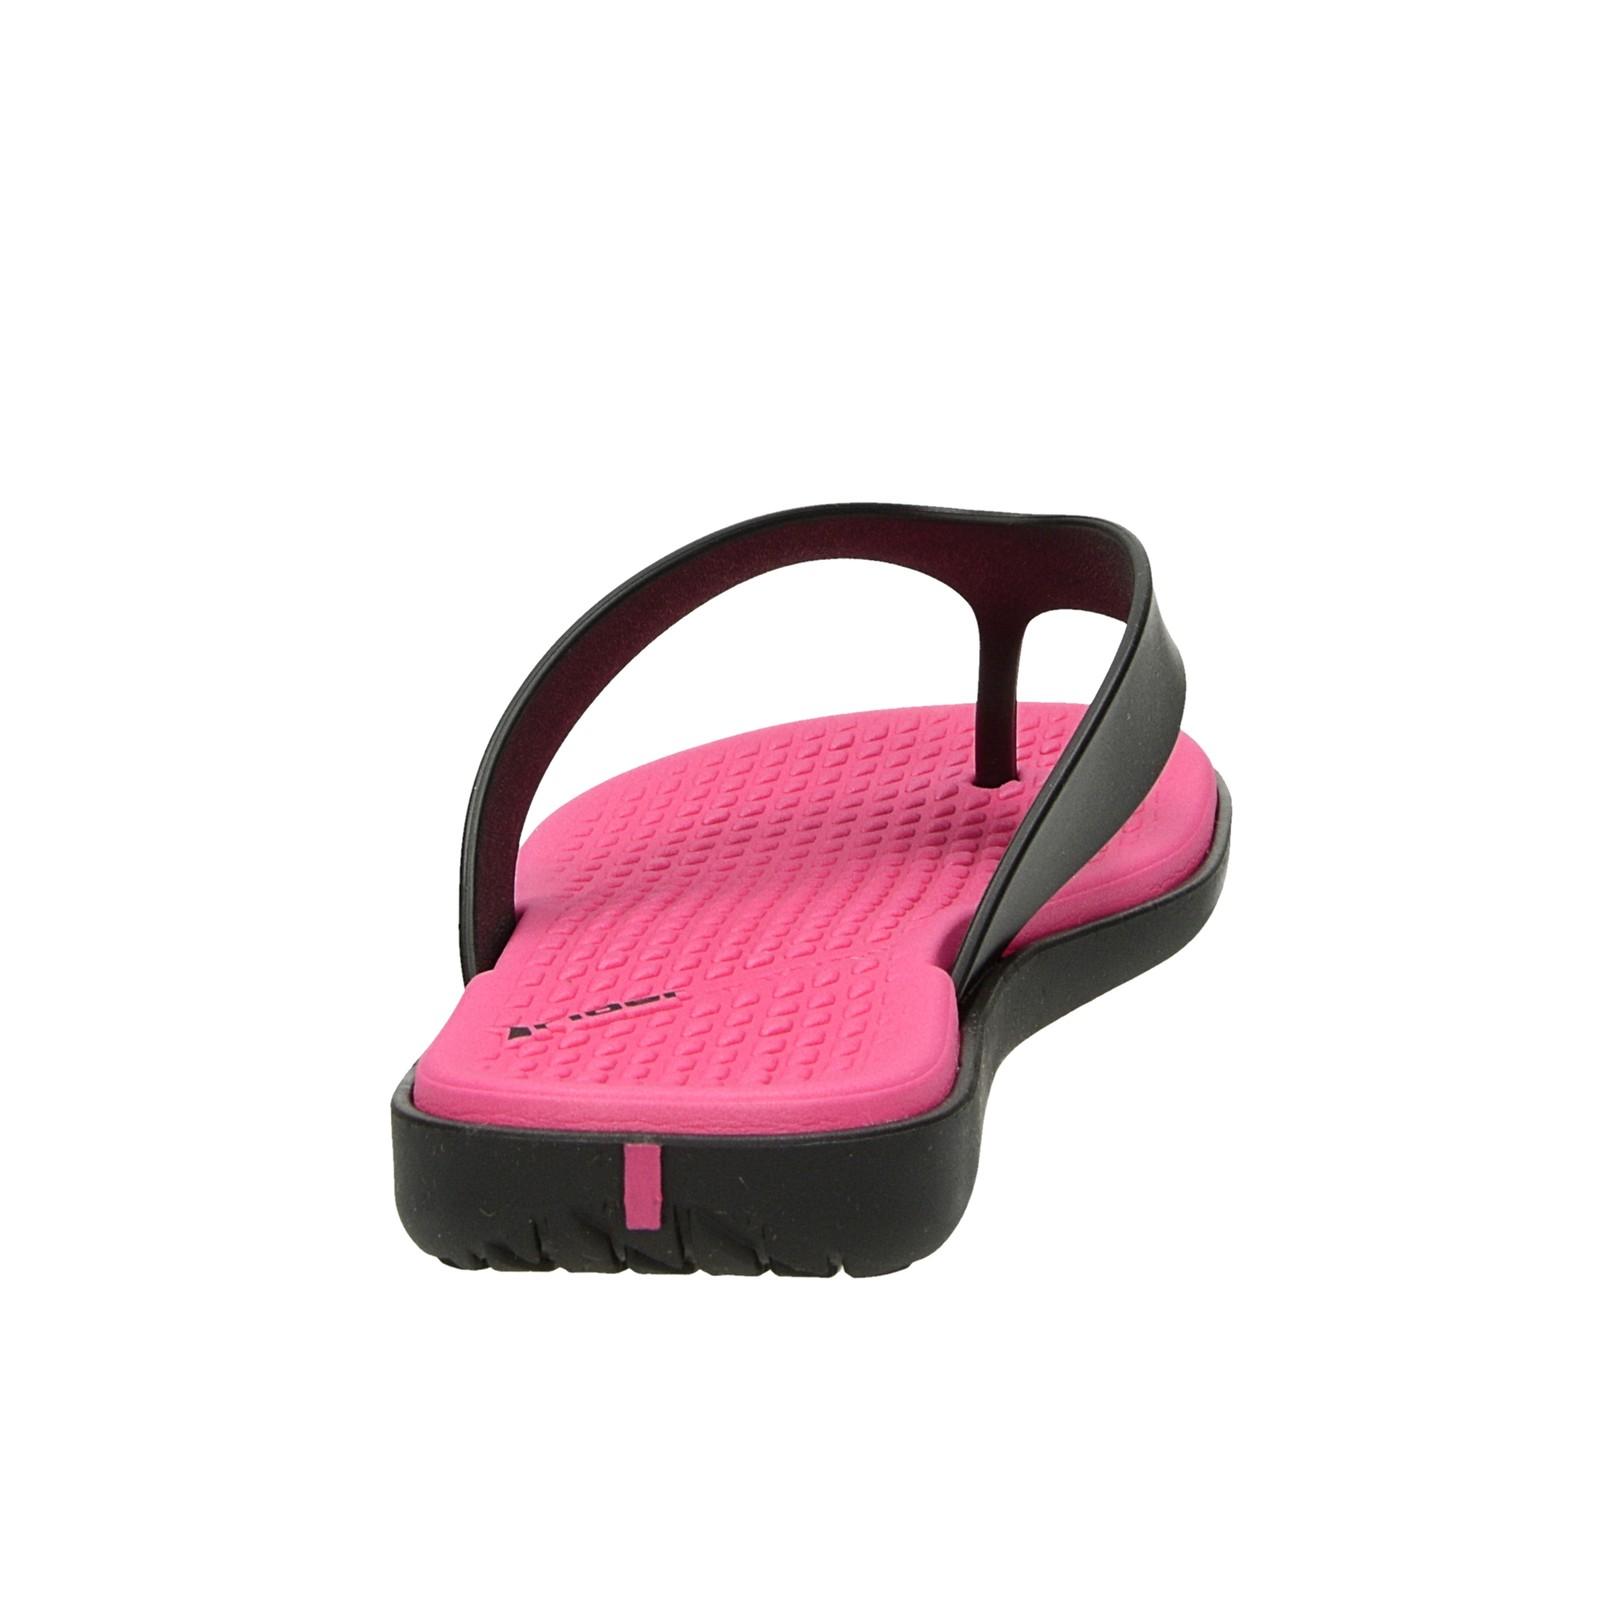 Rider dámske štýlové plážovky - ružovočierne